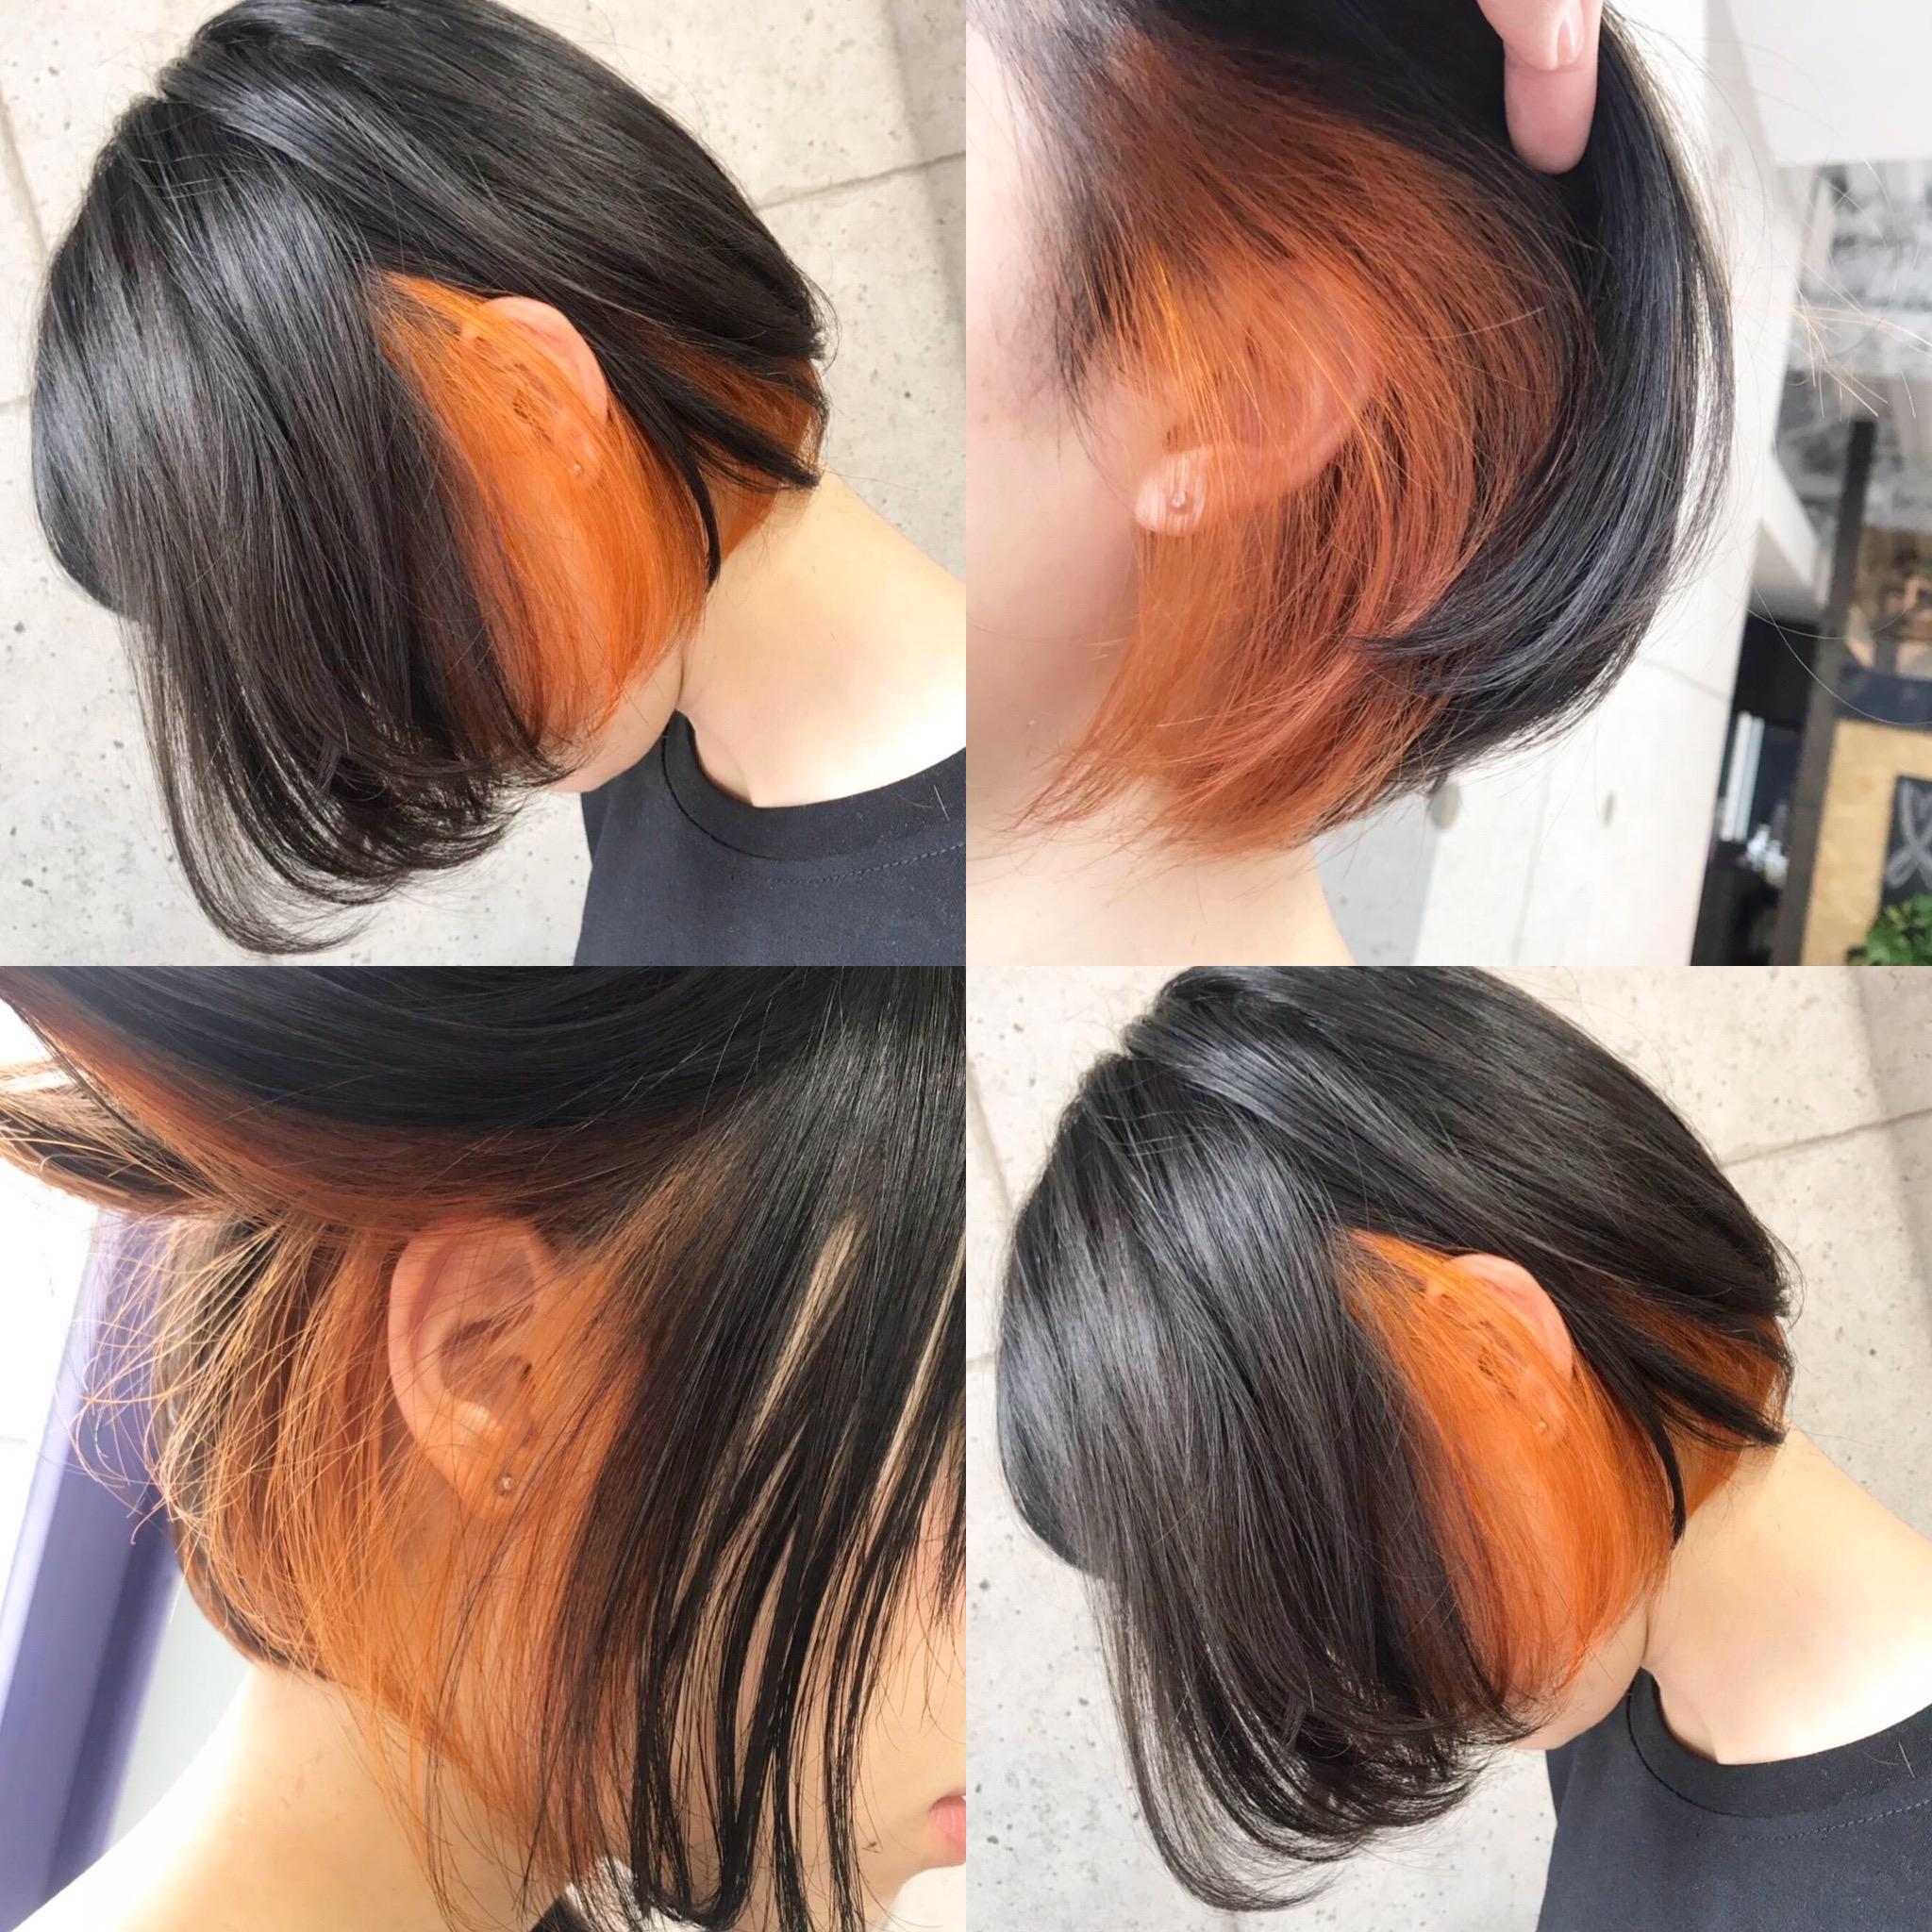 インナーカラーオレンジ×ボブ